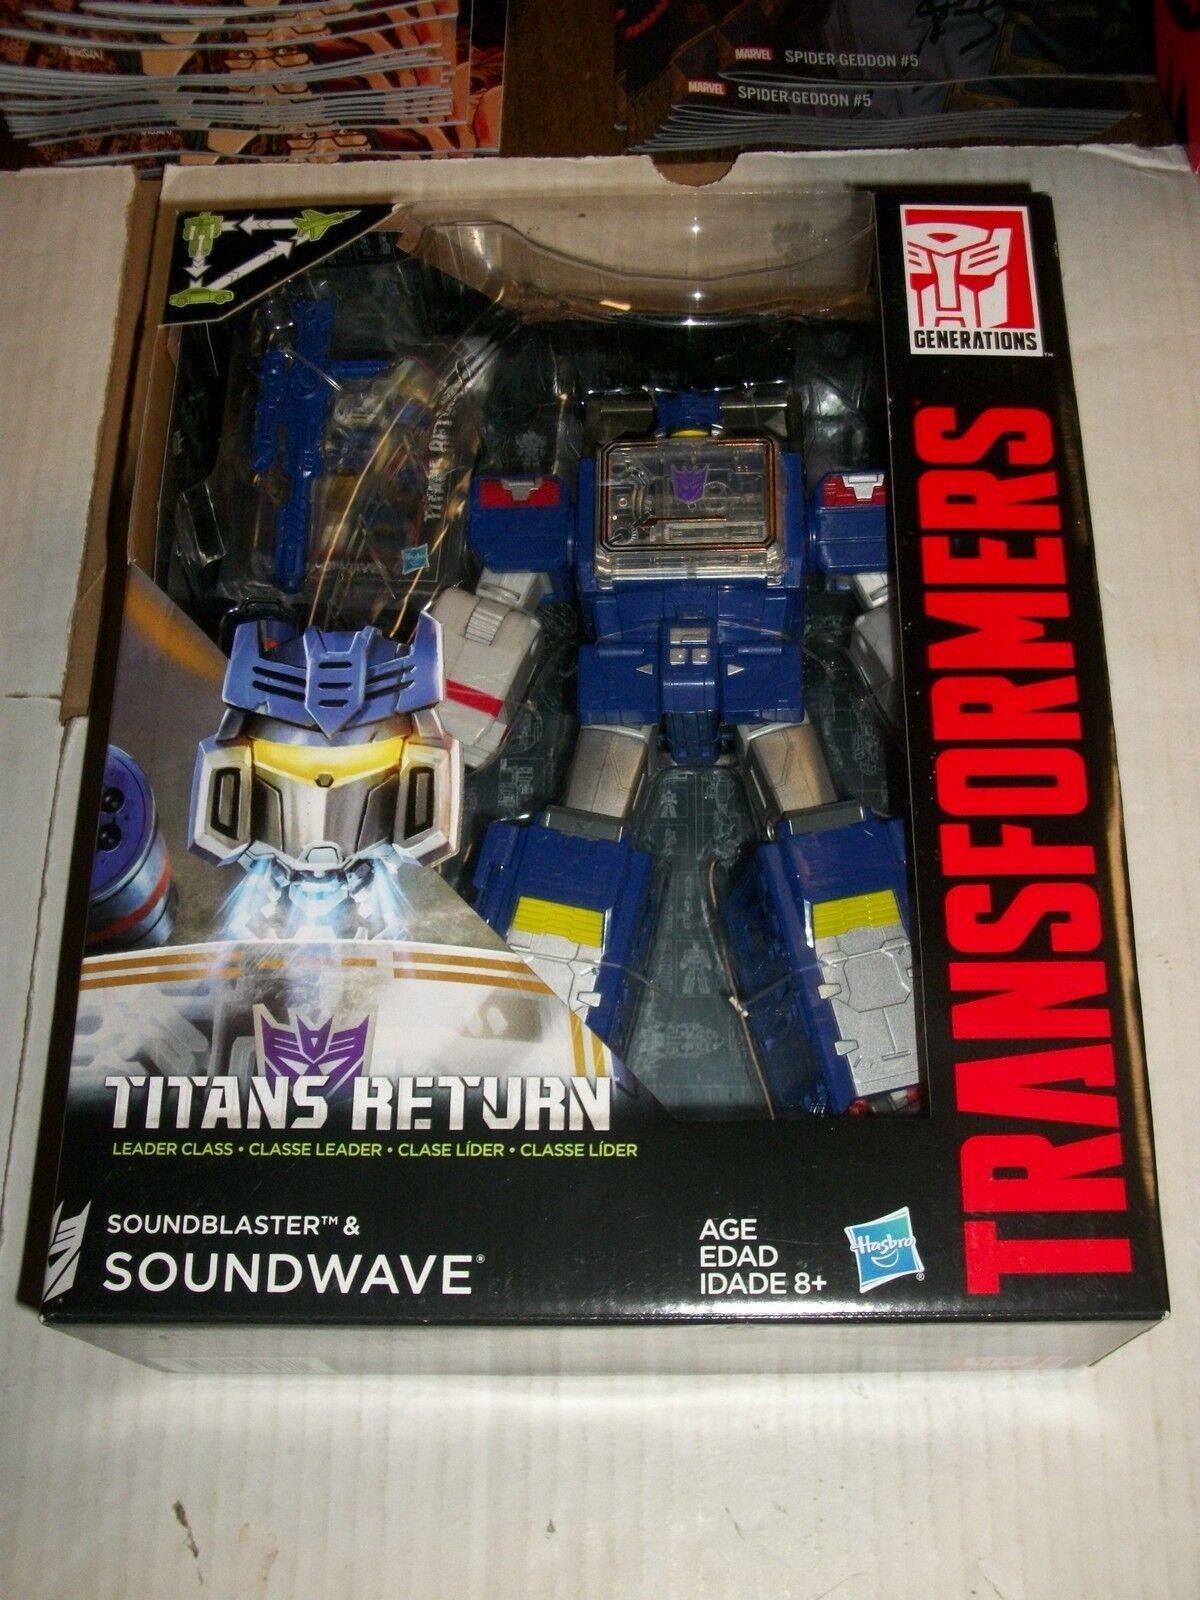 Metamorfos, Titan de de de vuelta a líder, explosión acústica y nuevos números acústicos. 621